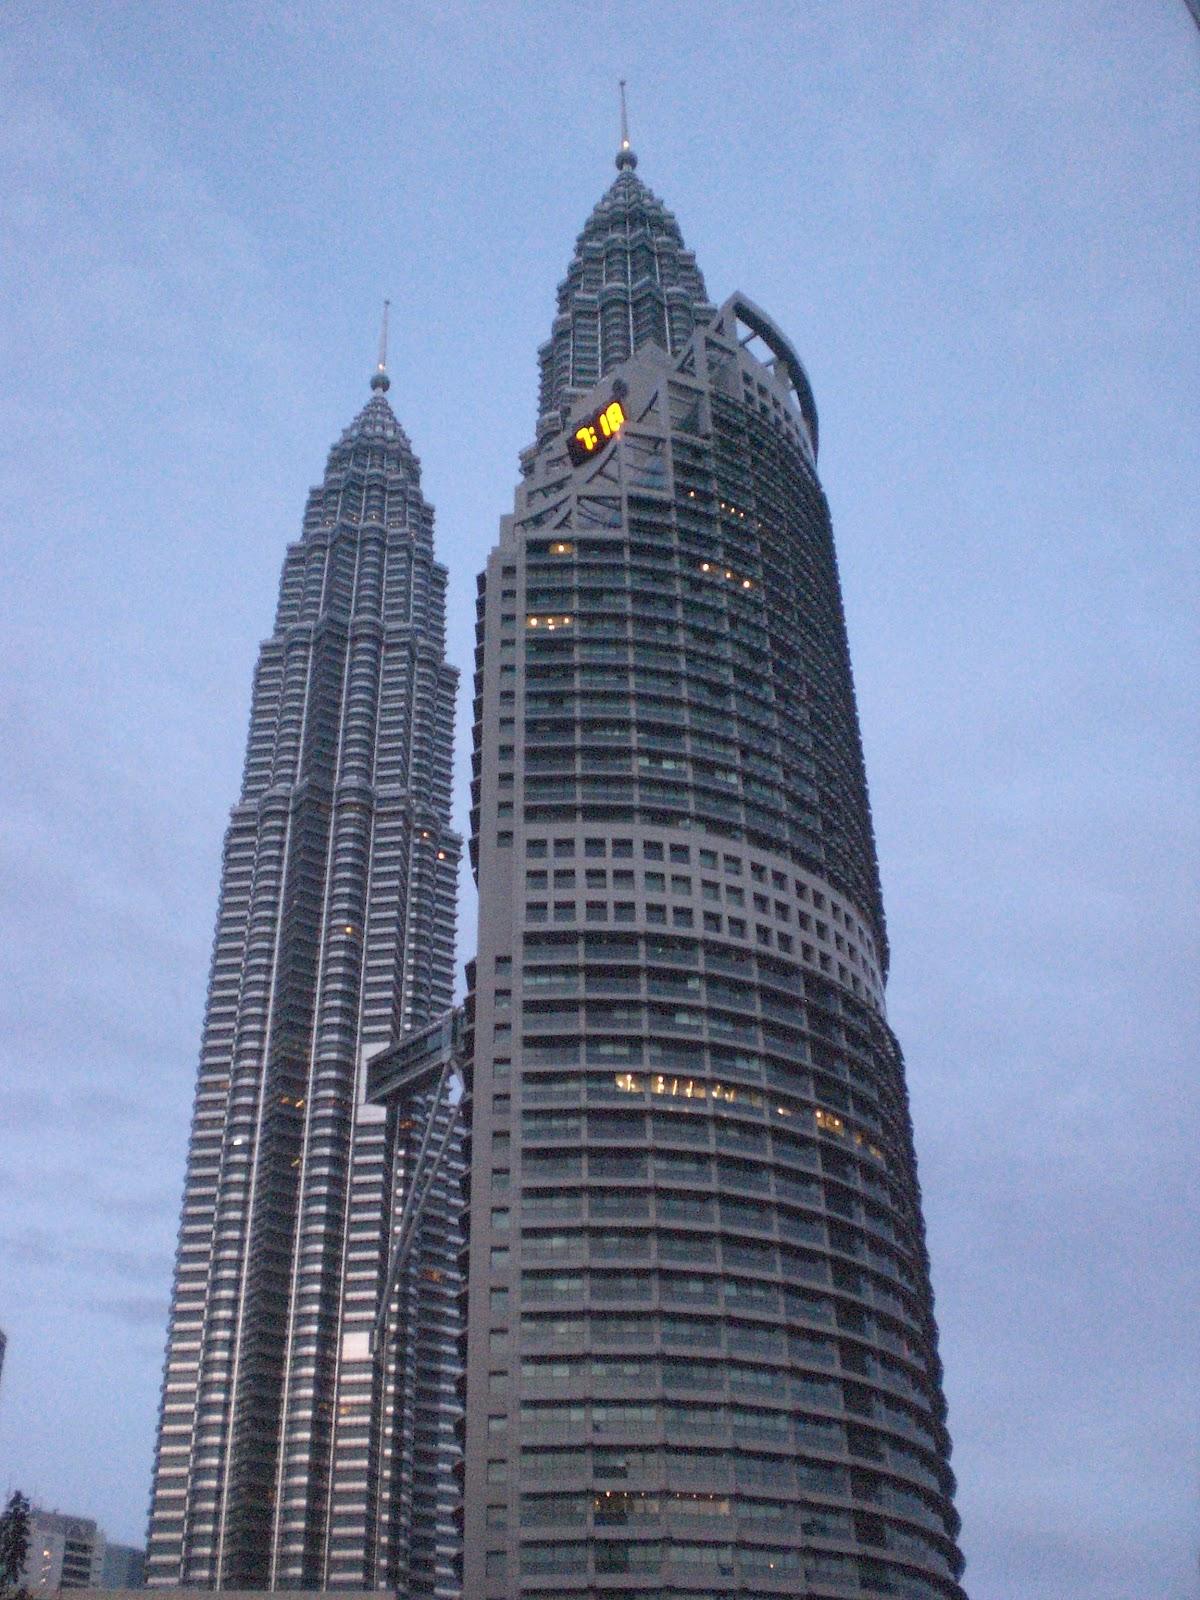 petronas twins tower menara kembar tertinggi di dunia mochamad rh yusufsantoso blogspot com Gambar Menara Petronas KLCC Tower